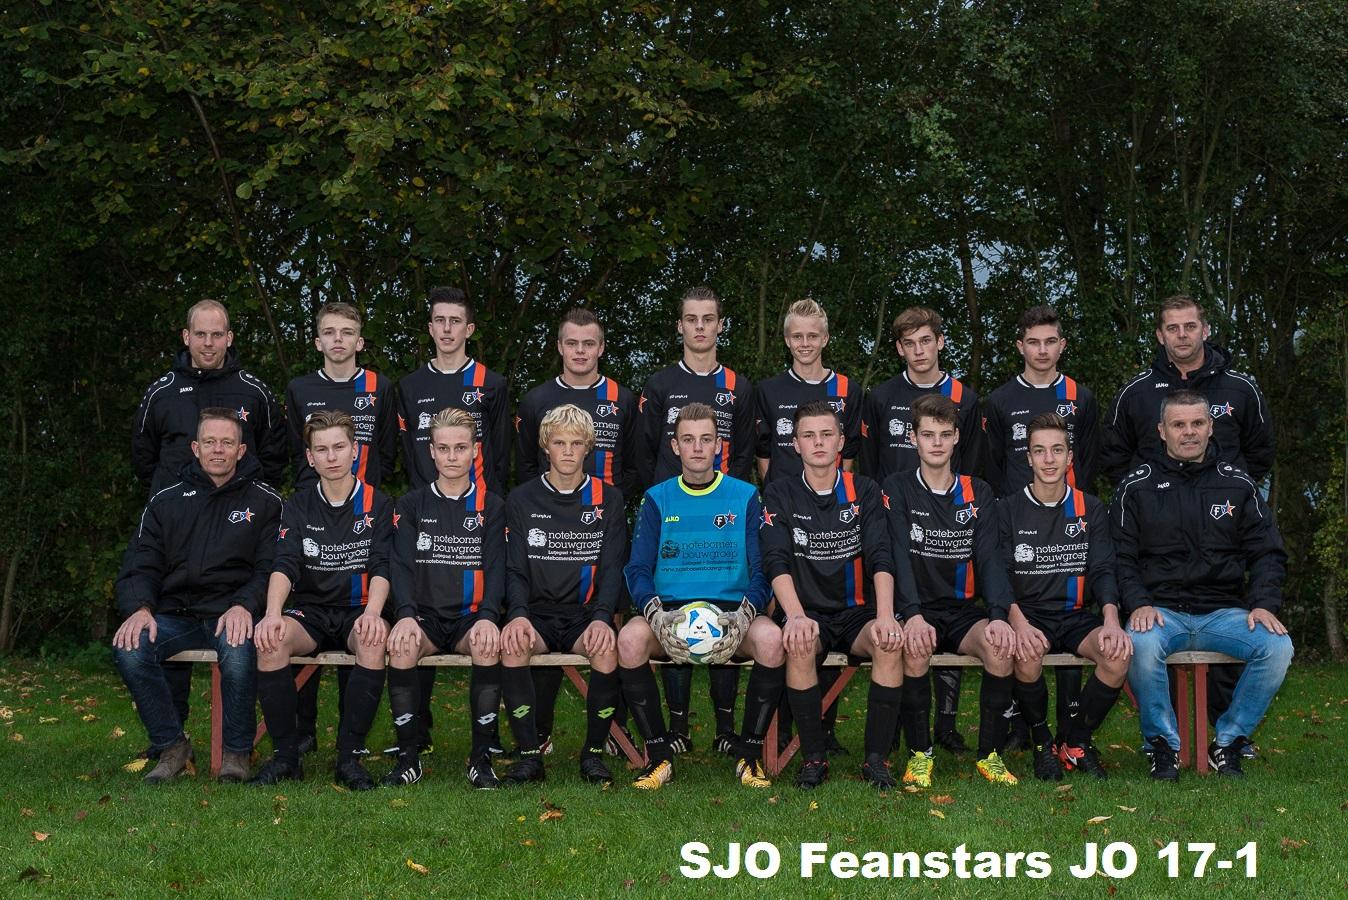 SJO Feanstars JO 17-1